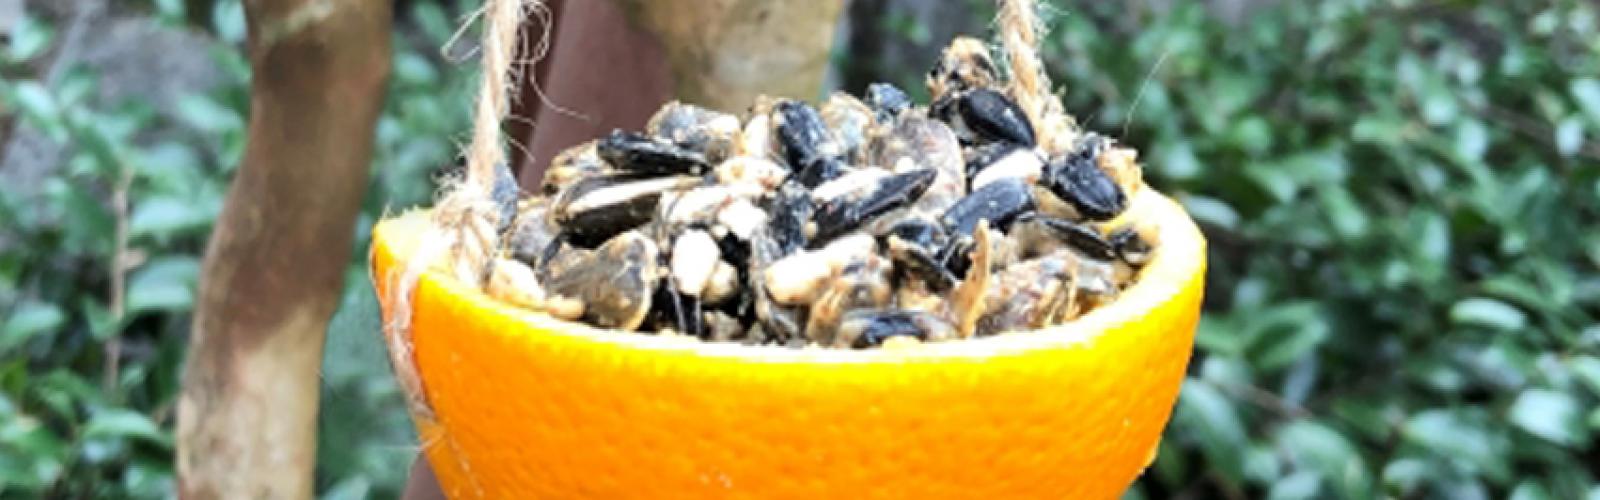 orange bird feeder with seeds